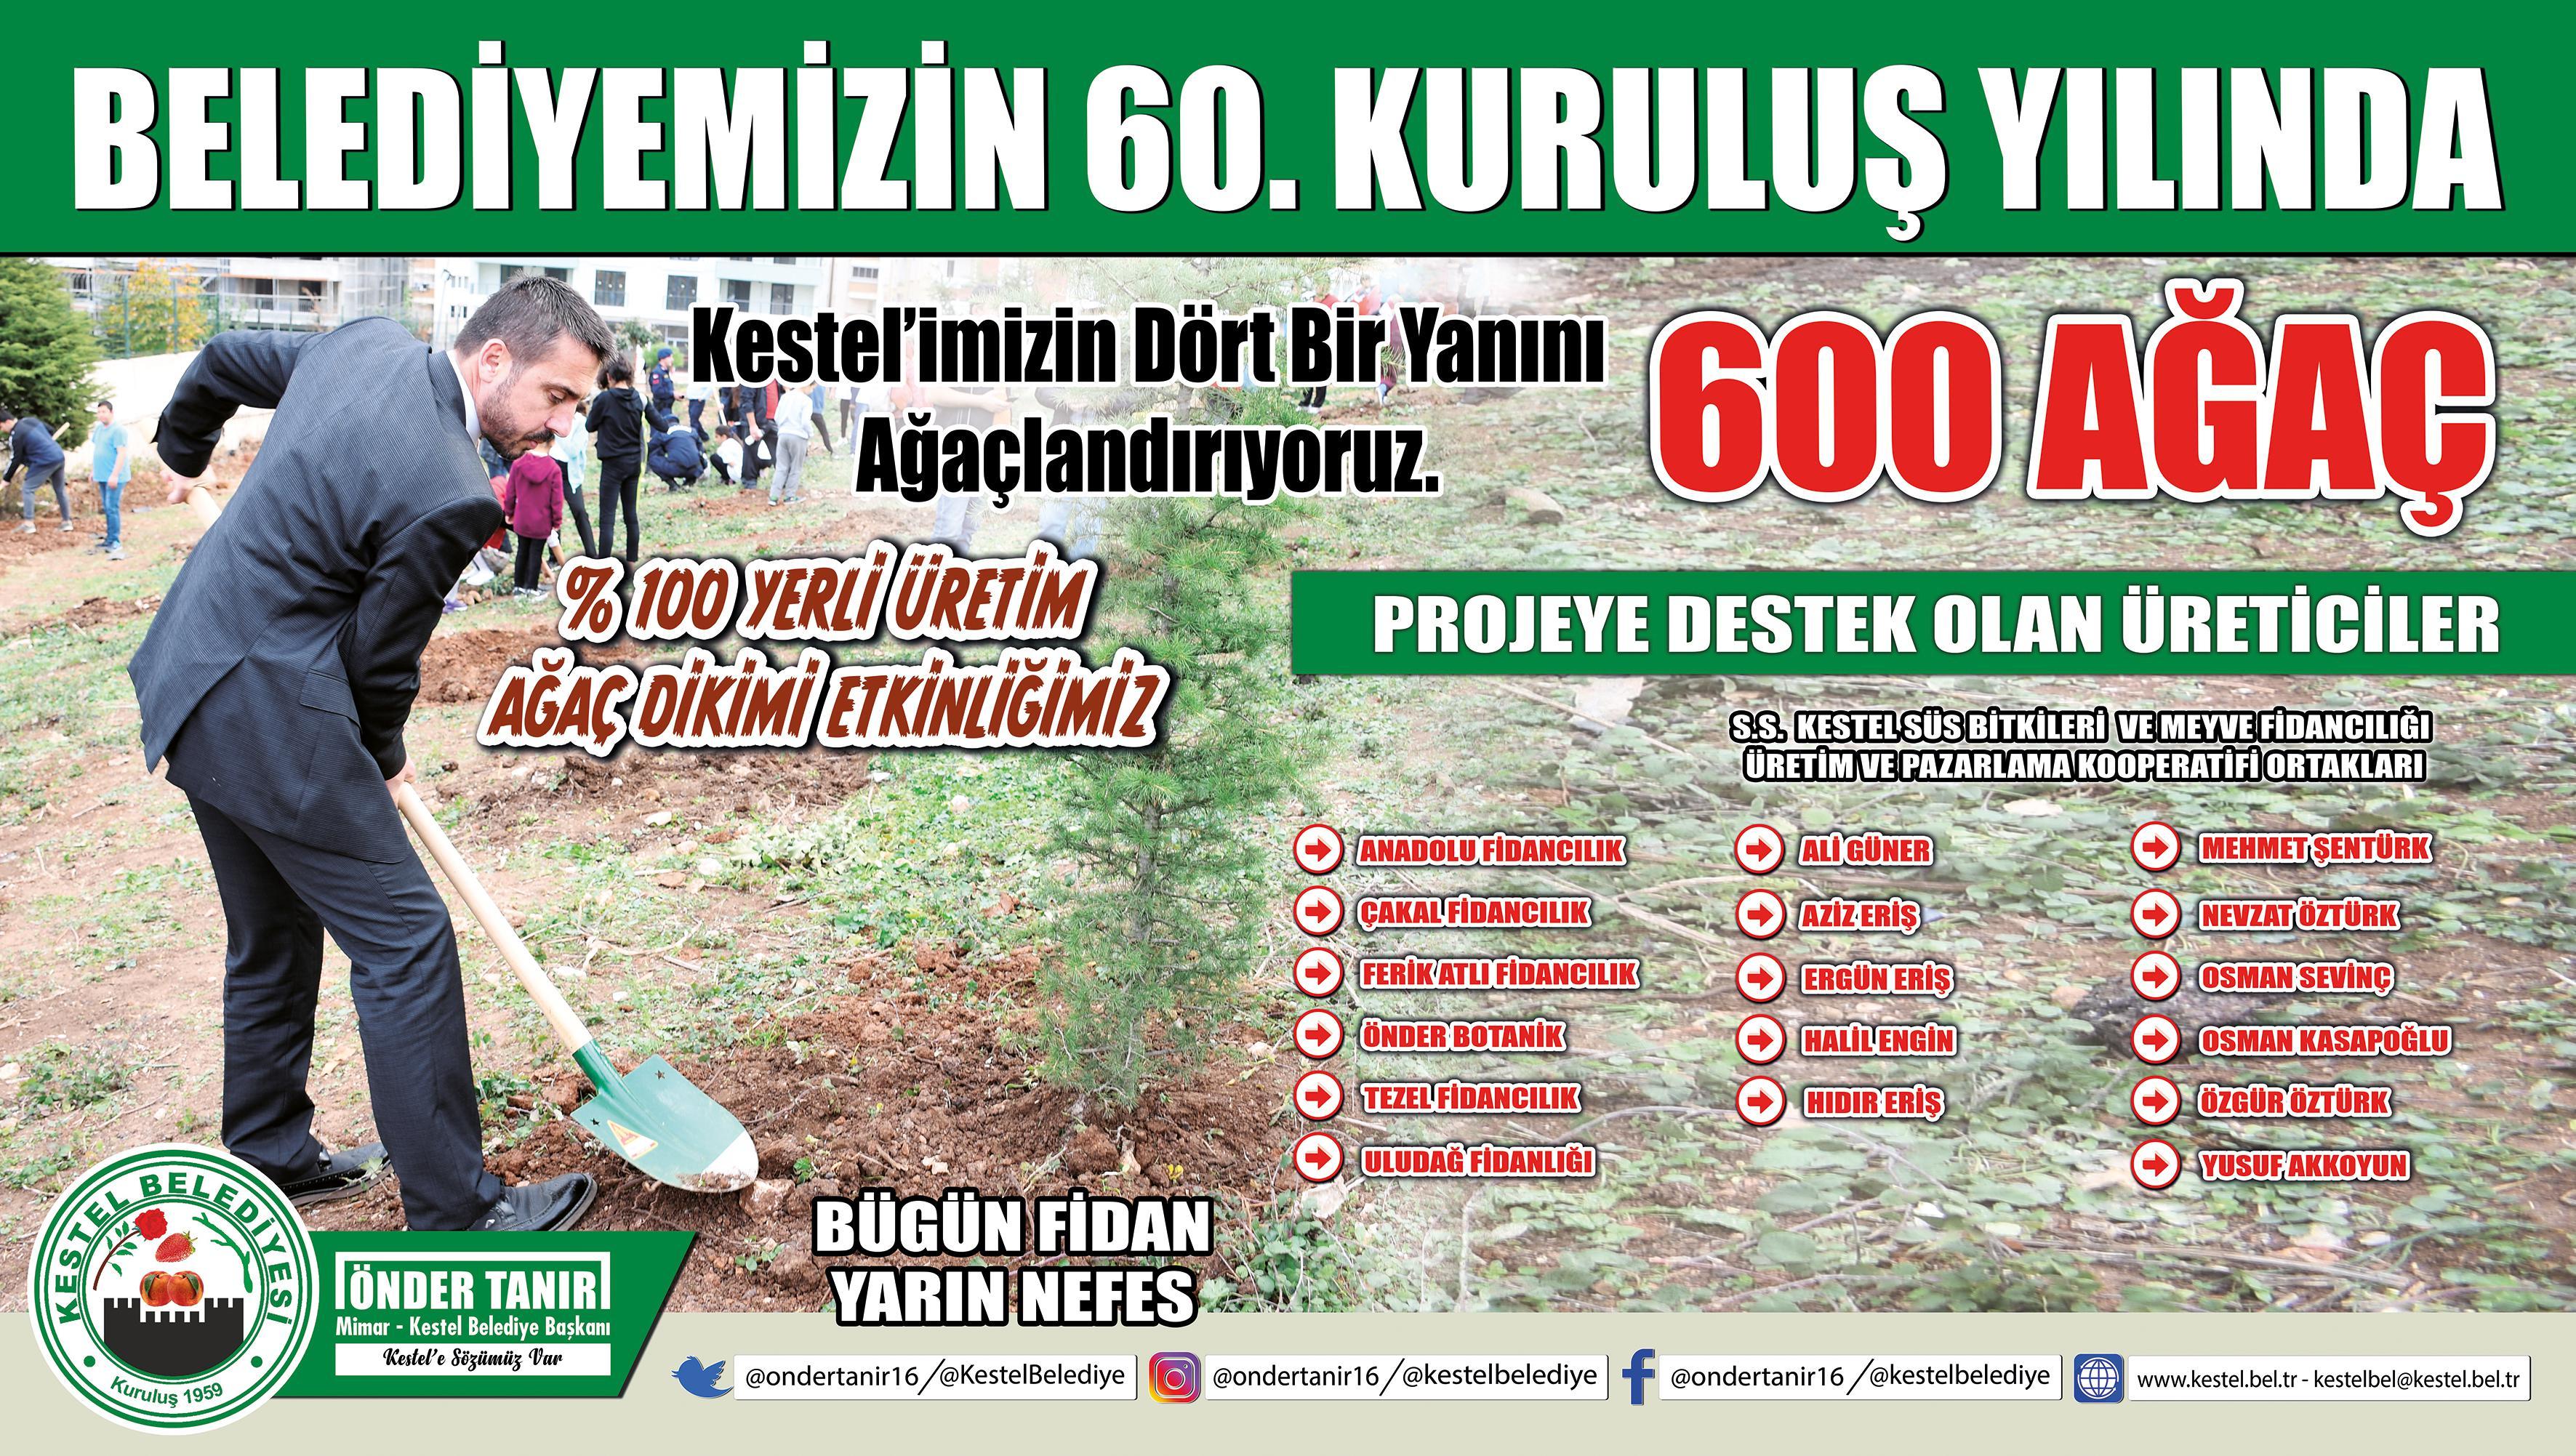 Belediyemizin 60. Kuruluş Yılında 600 AĞAÇ